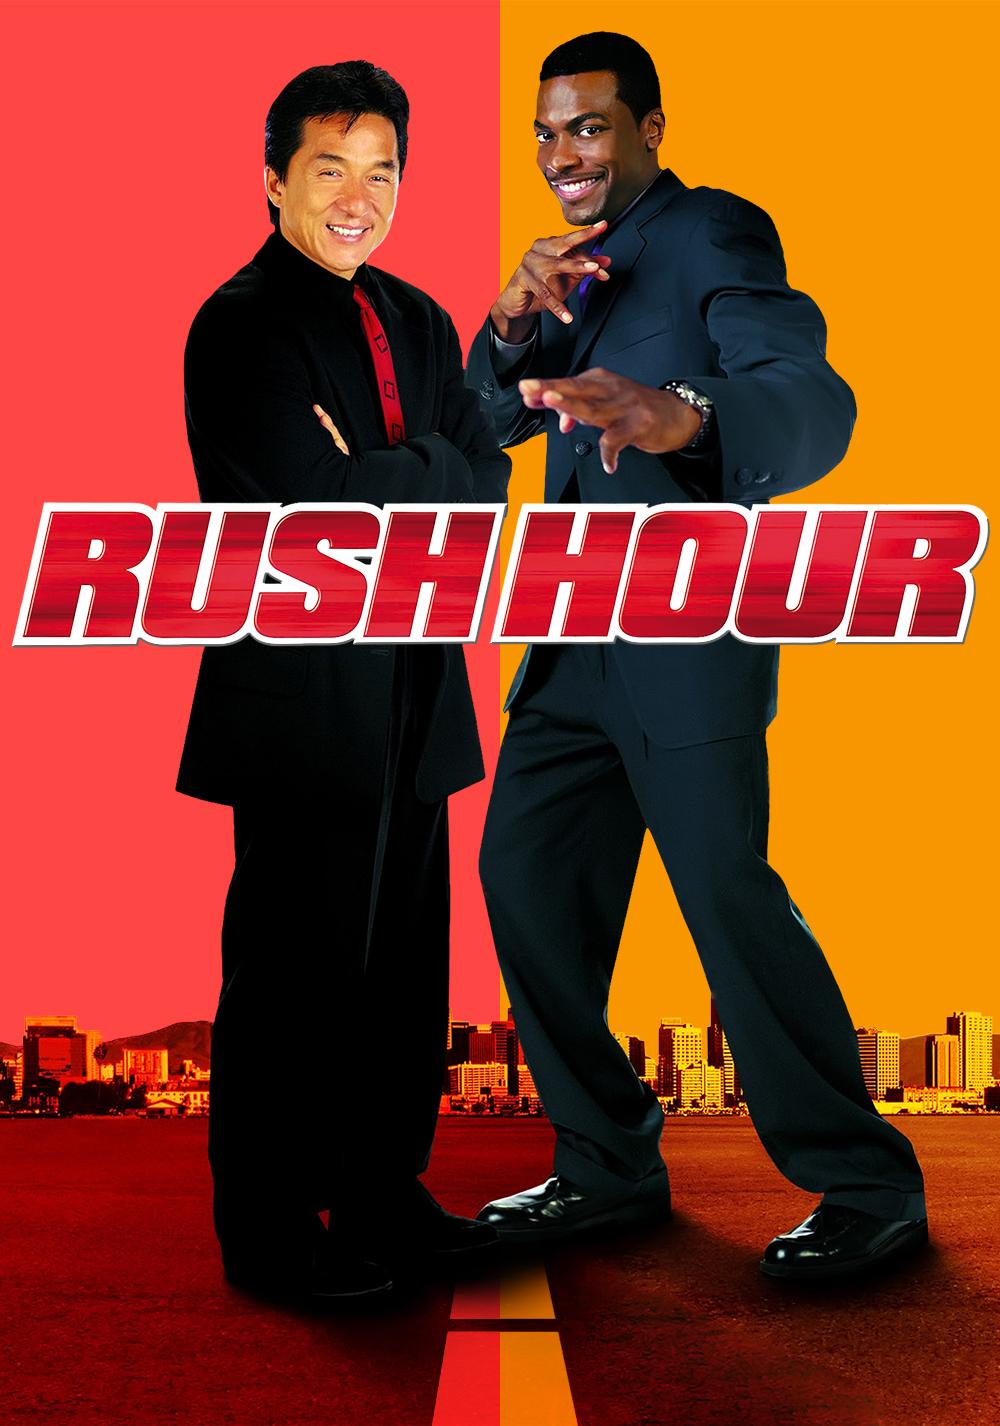 Film Rush Hour